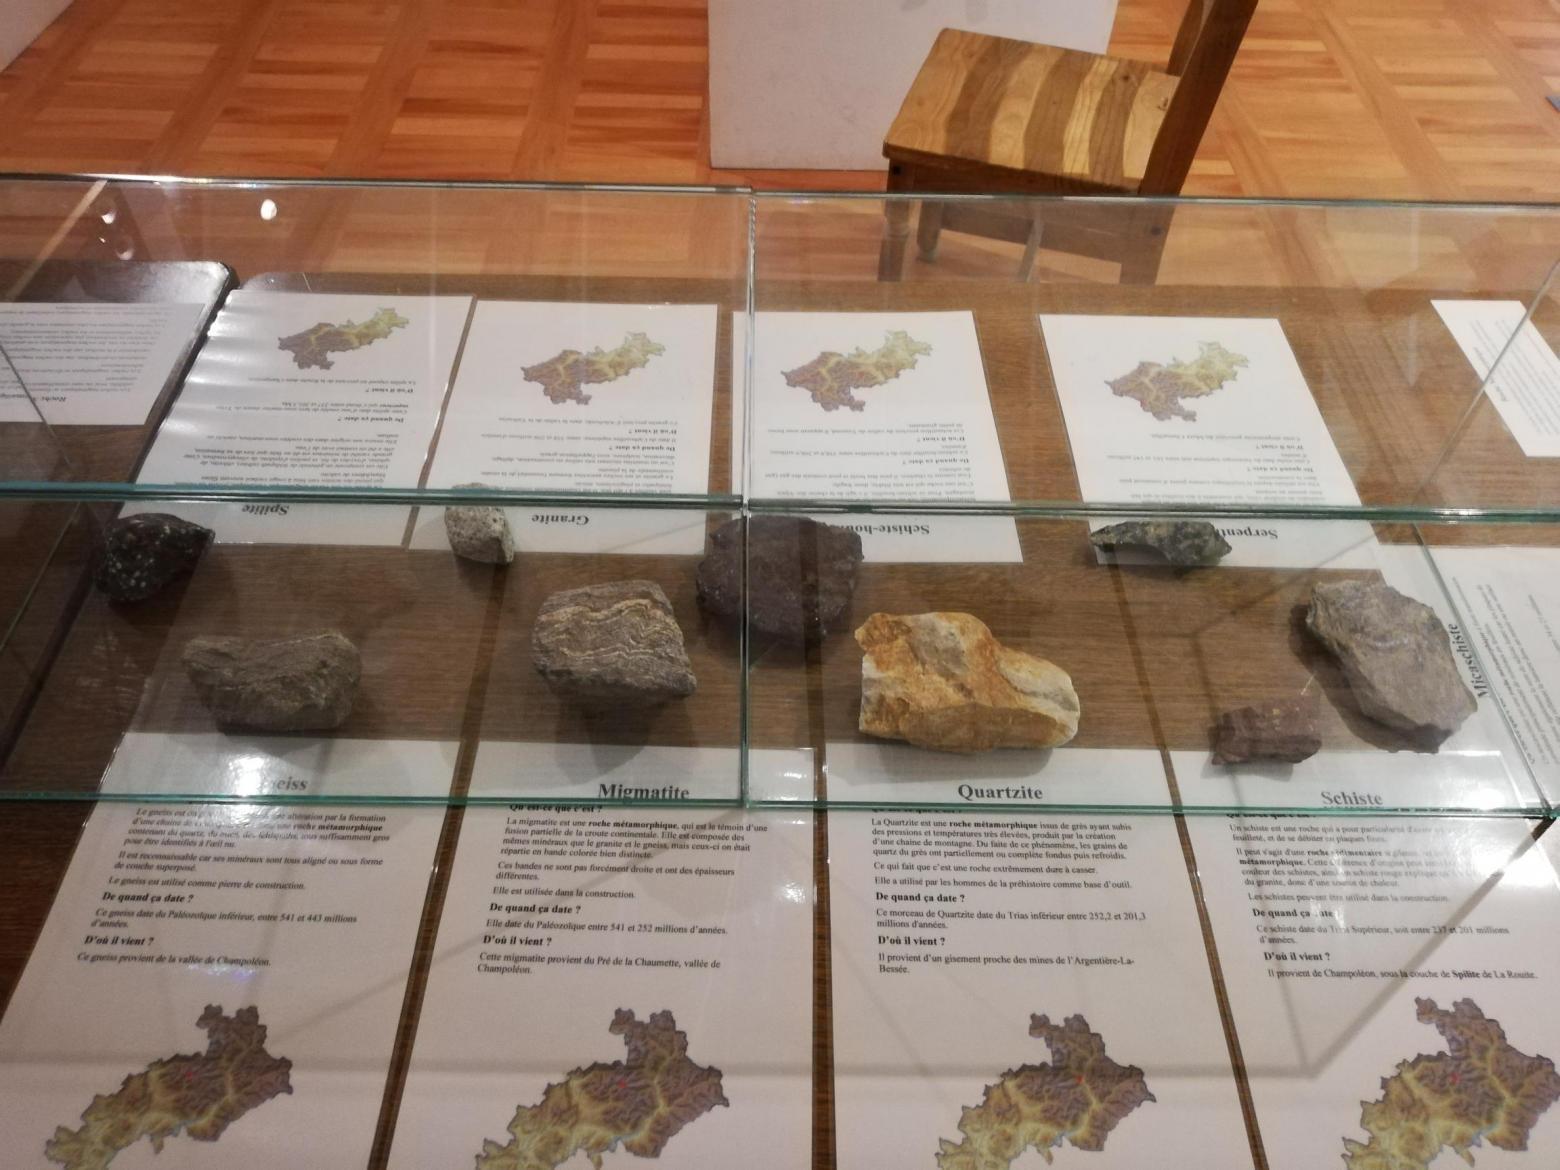 Exposition sur les roches et minéraux - © L. Bottero - PNE